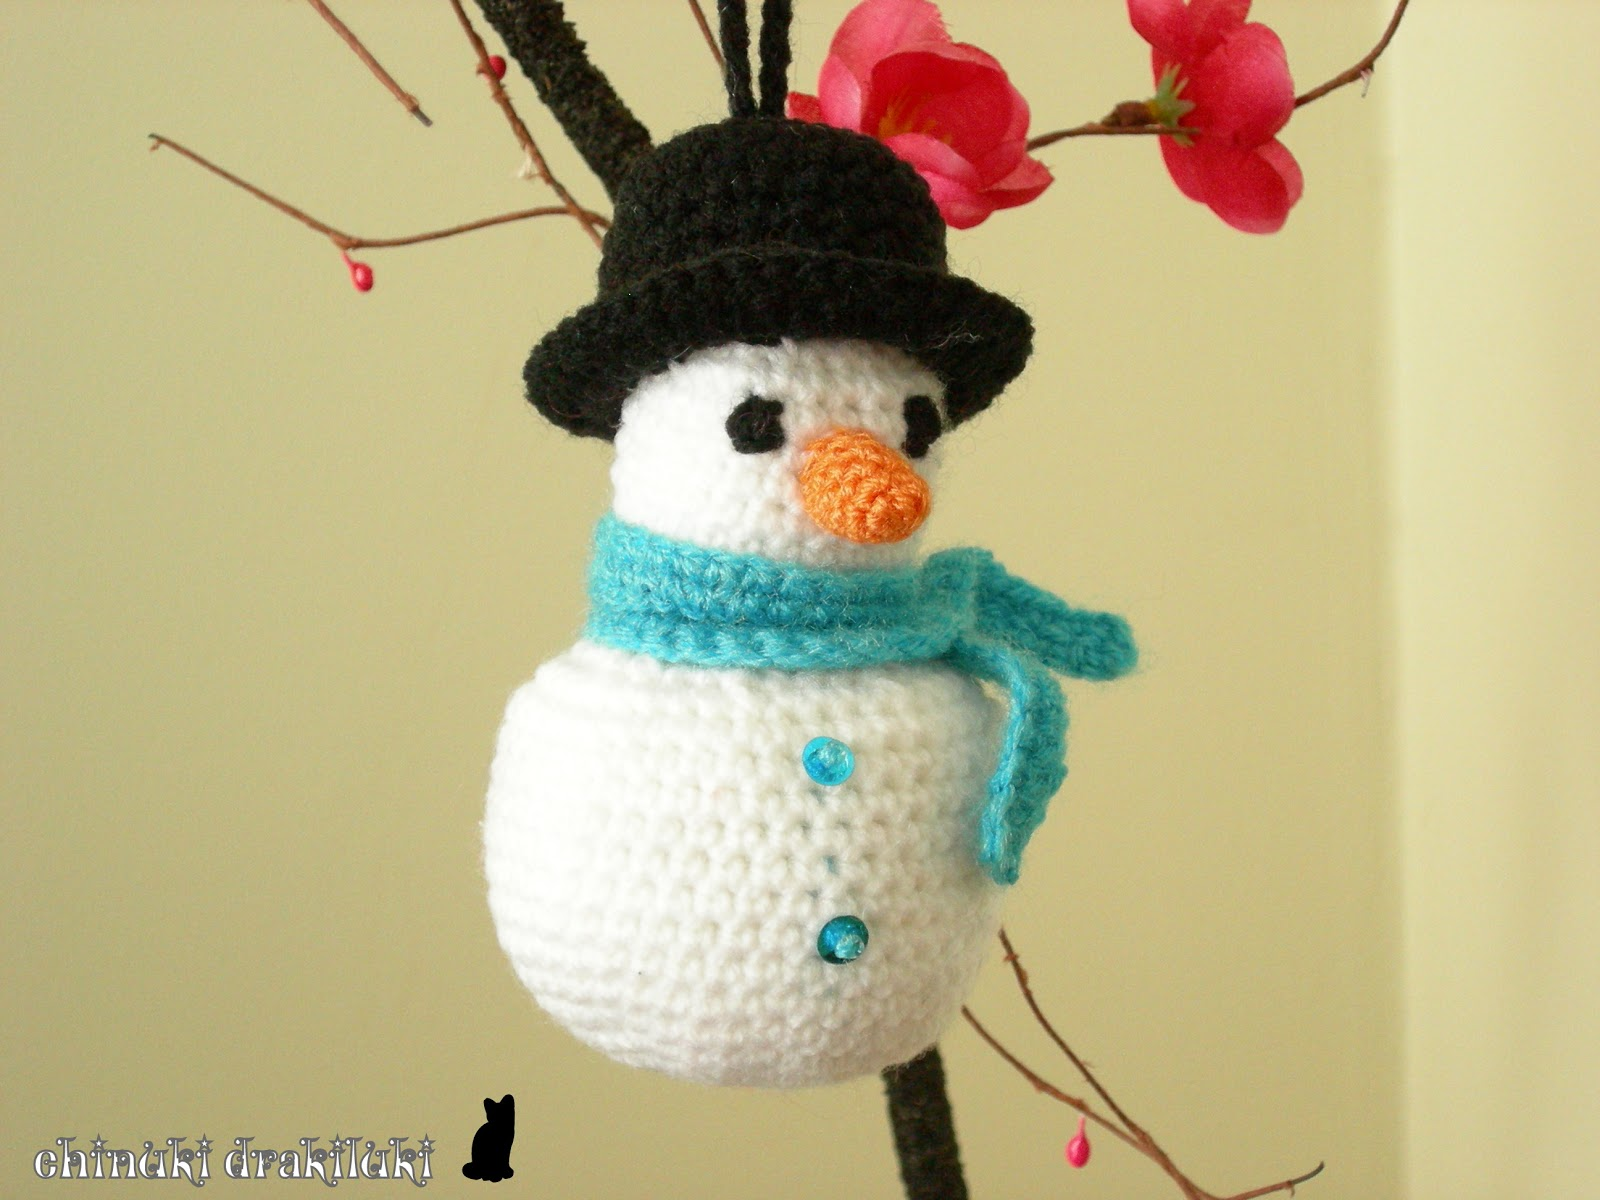 el diario del chinuki drakiluki: Muñecos de nieve